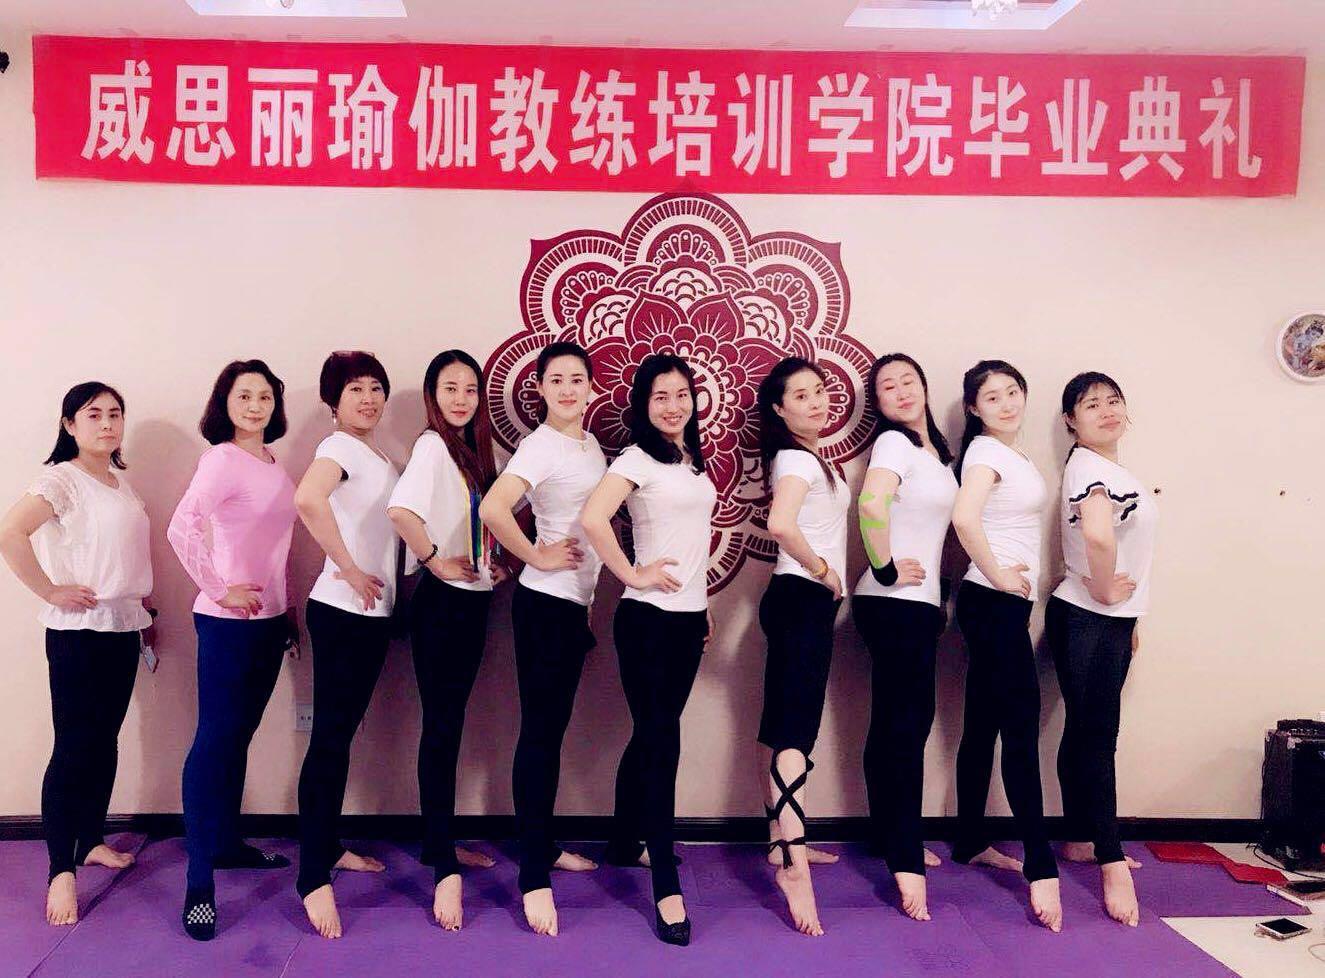 沈阳威思丽瑜伽学校舞韵瑜伽课程招生